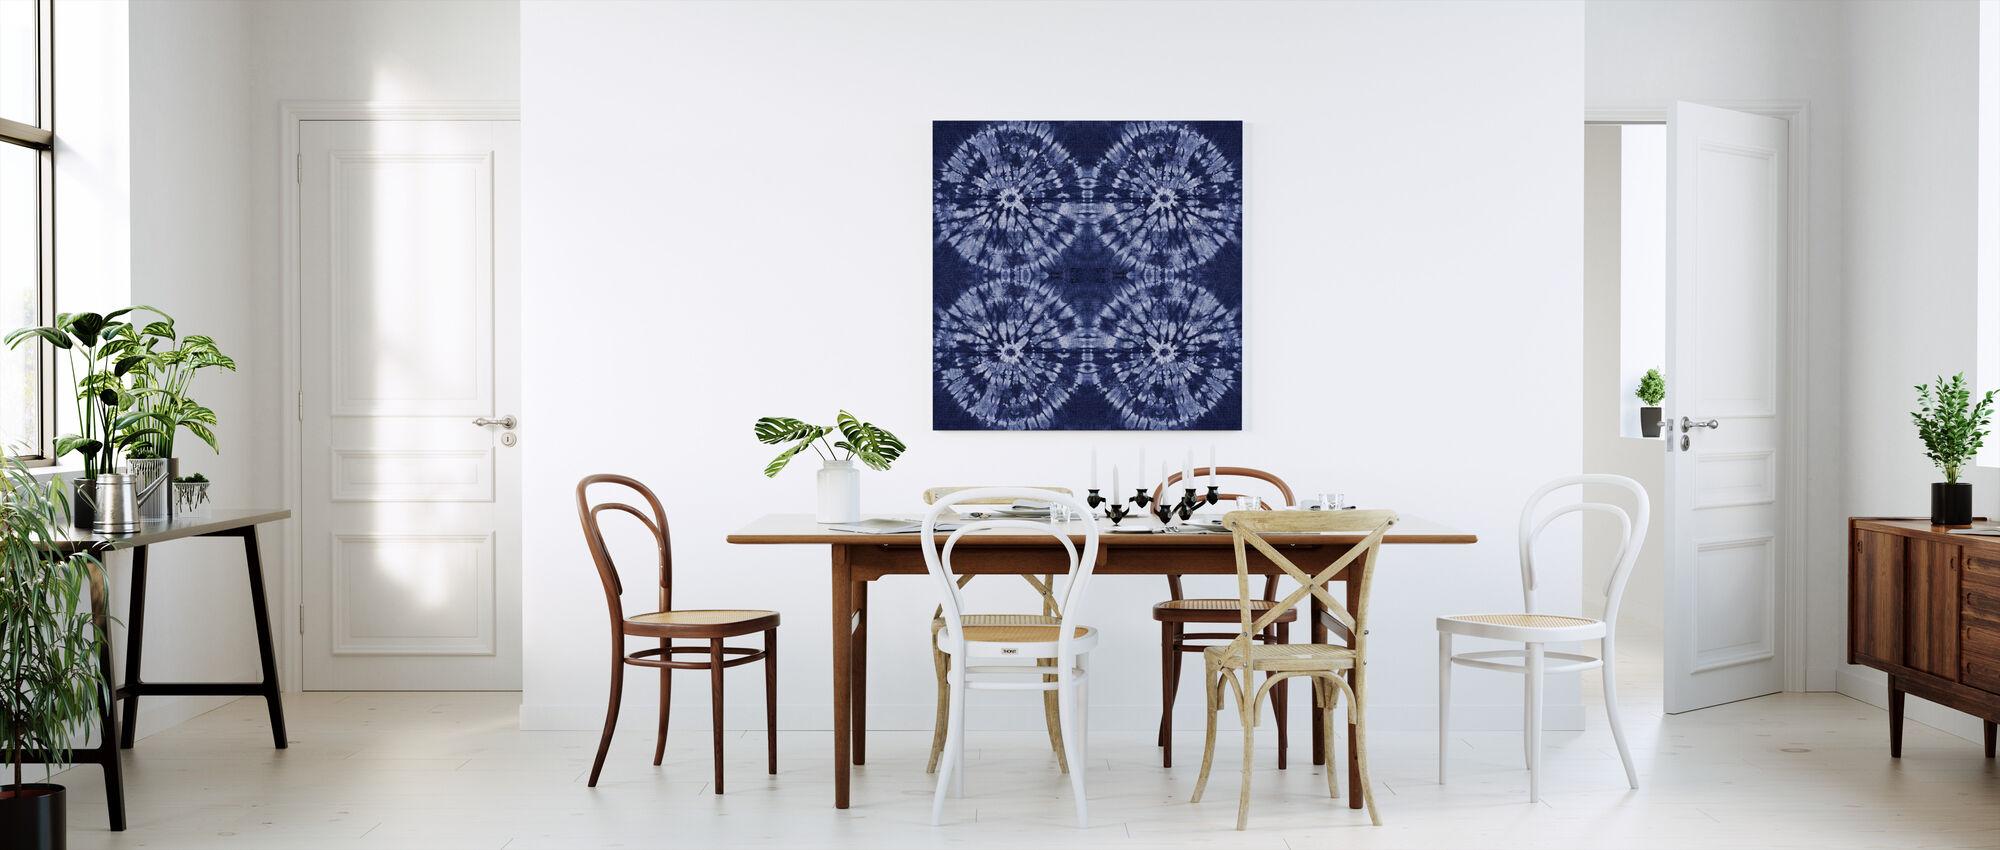 Handla från hela världen hos PricePi. canvastavlor kärlekspar med blått 0542eefd503b7